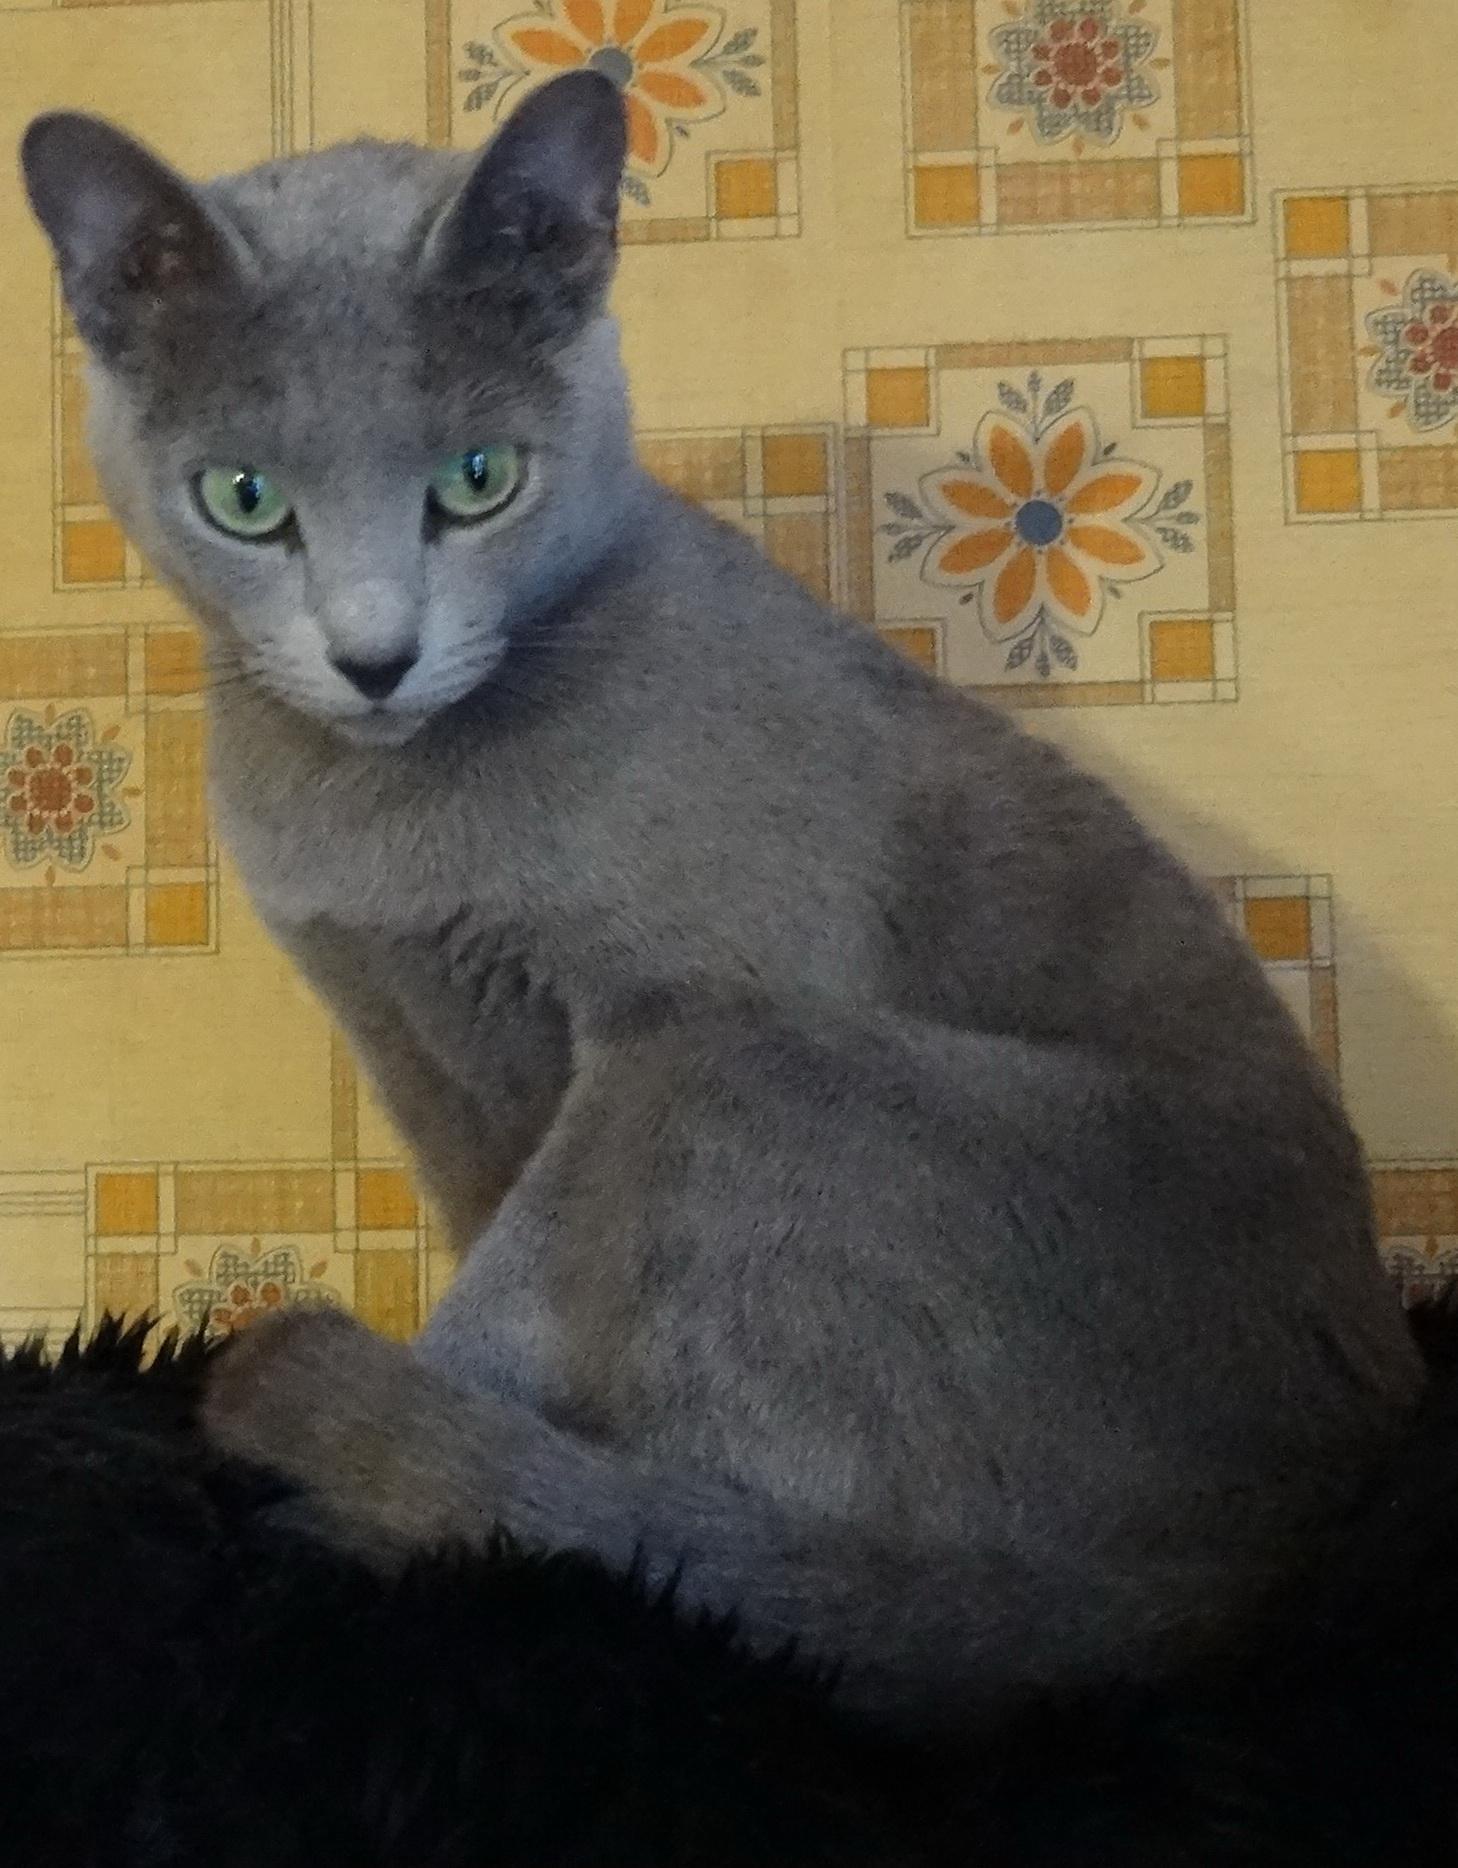 Xena von Nebelungental, femelle